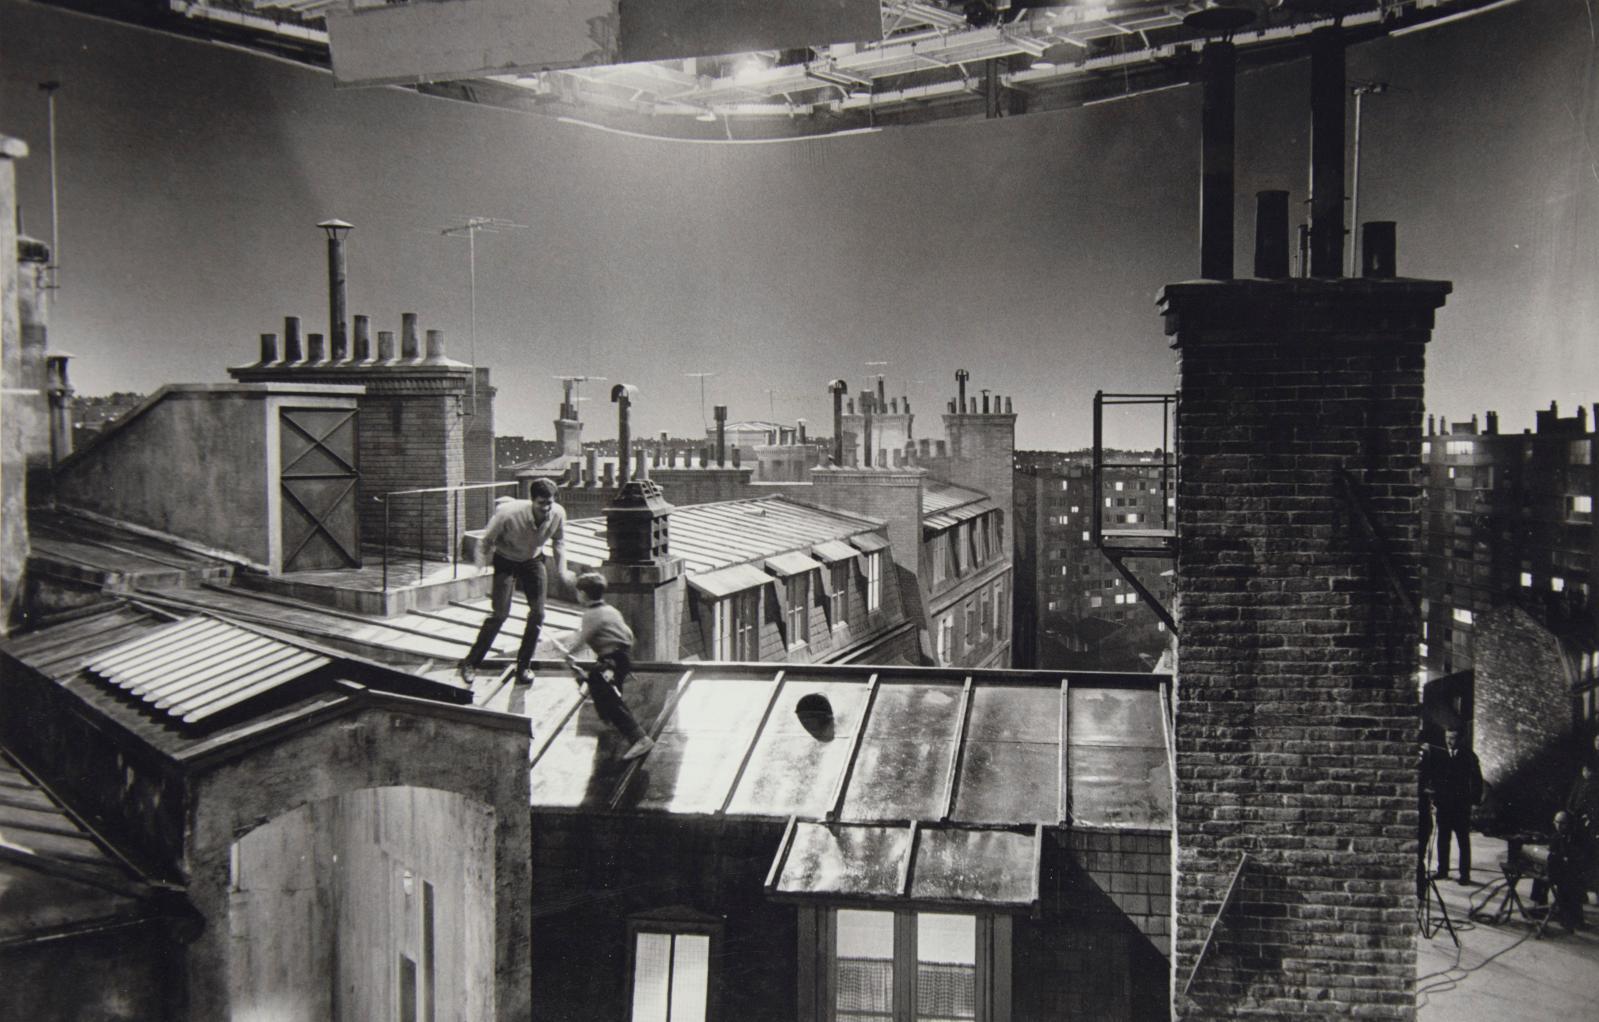 Alexandre Trauner, Le Couteau dans la plaie (Anatole Litvak), Paris, vers 1961, tournage sur les toits, épreuve argentique d'époque, 26,5